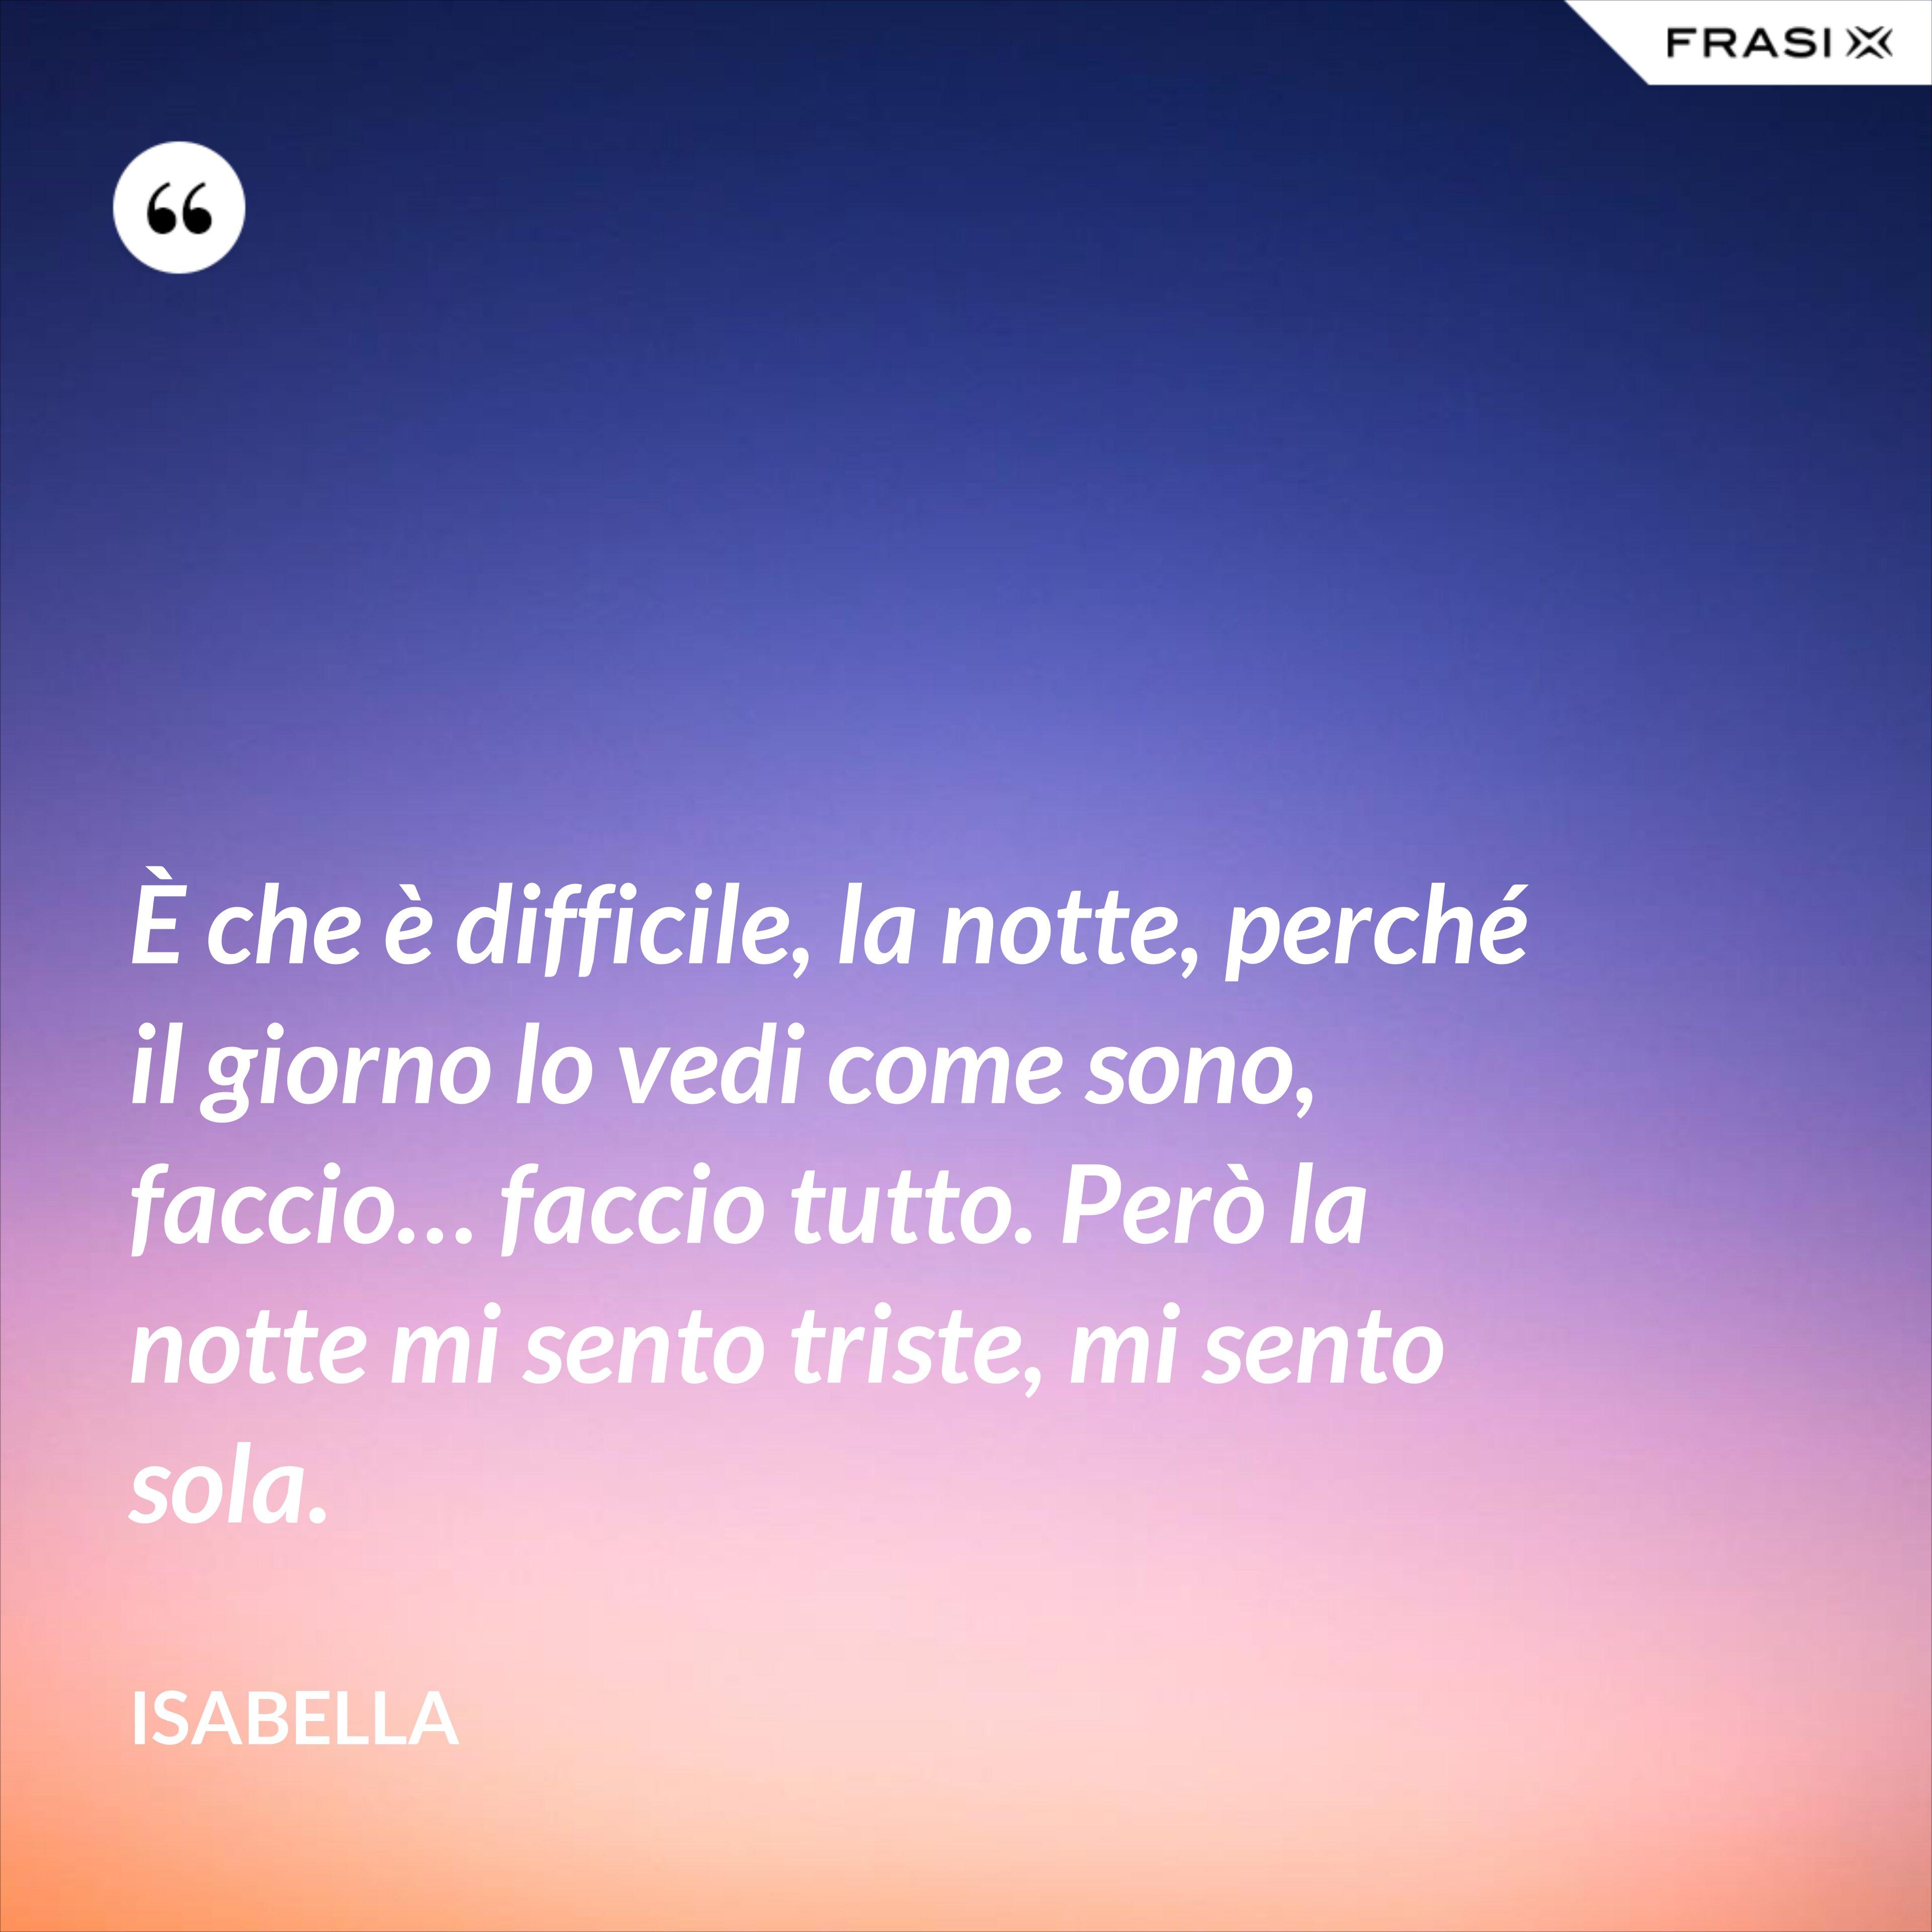 È che è difficile, la notte, perché il giorno lo vedi come sono, faccio… faccio tutto. Però la notte mi sento triste, mi sento sola. - Isabella